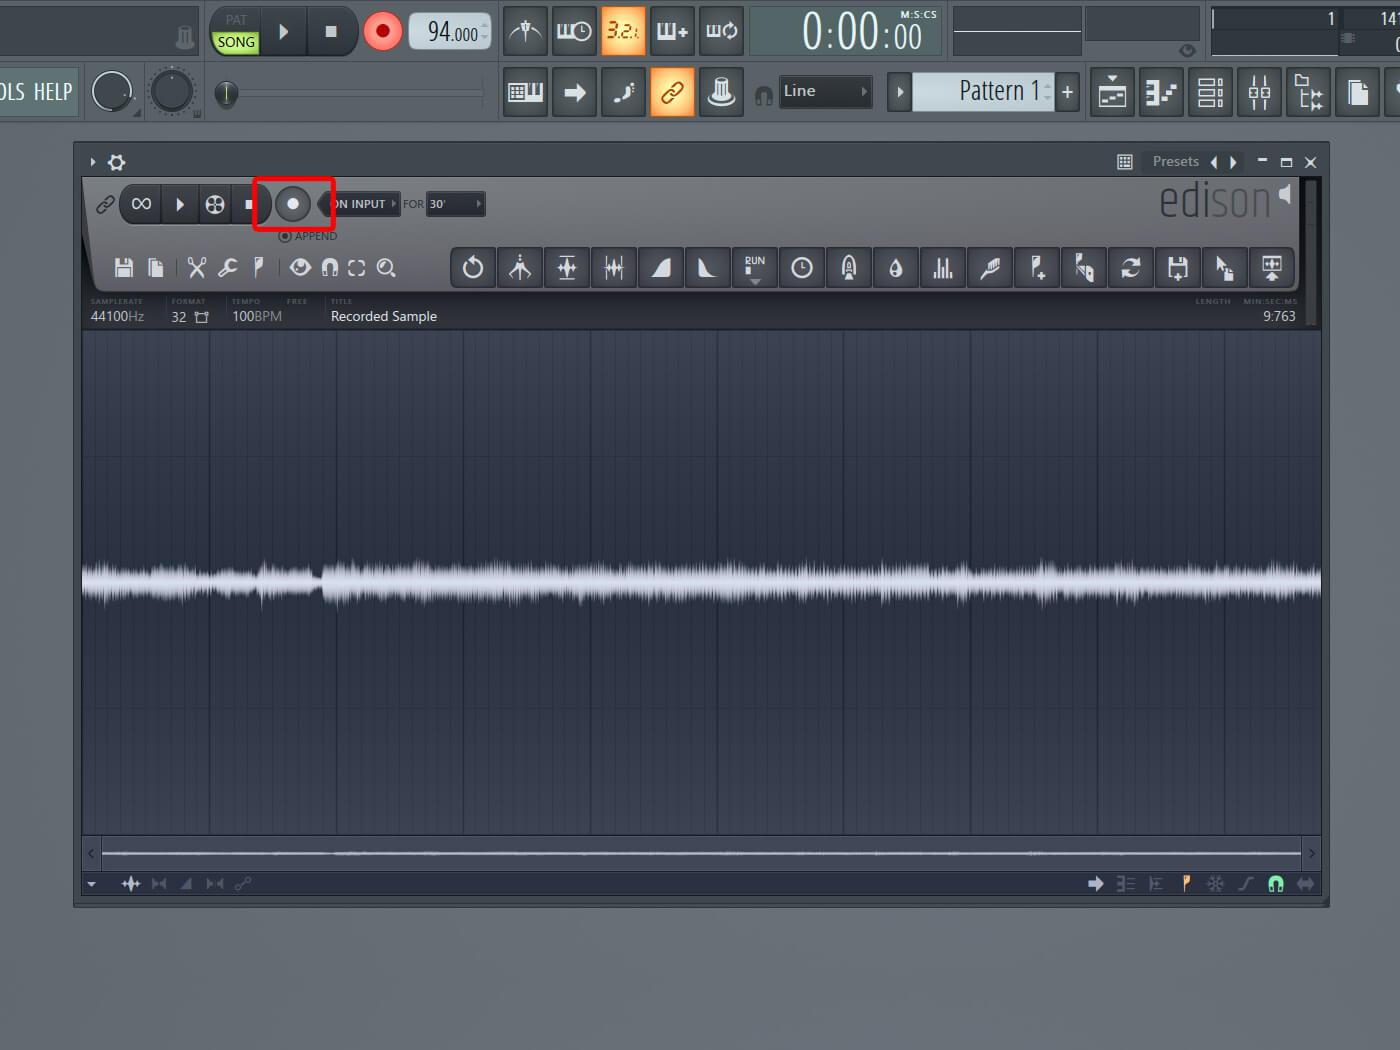 MT 205 FL Studio TUT Pt 6